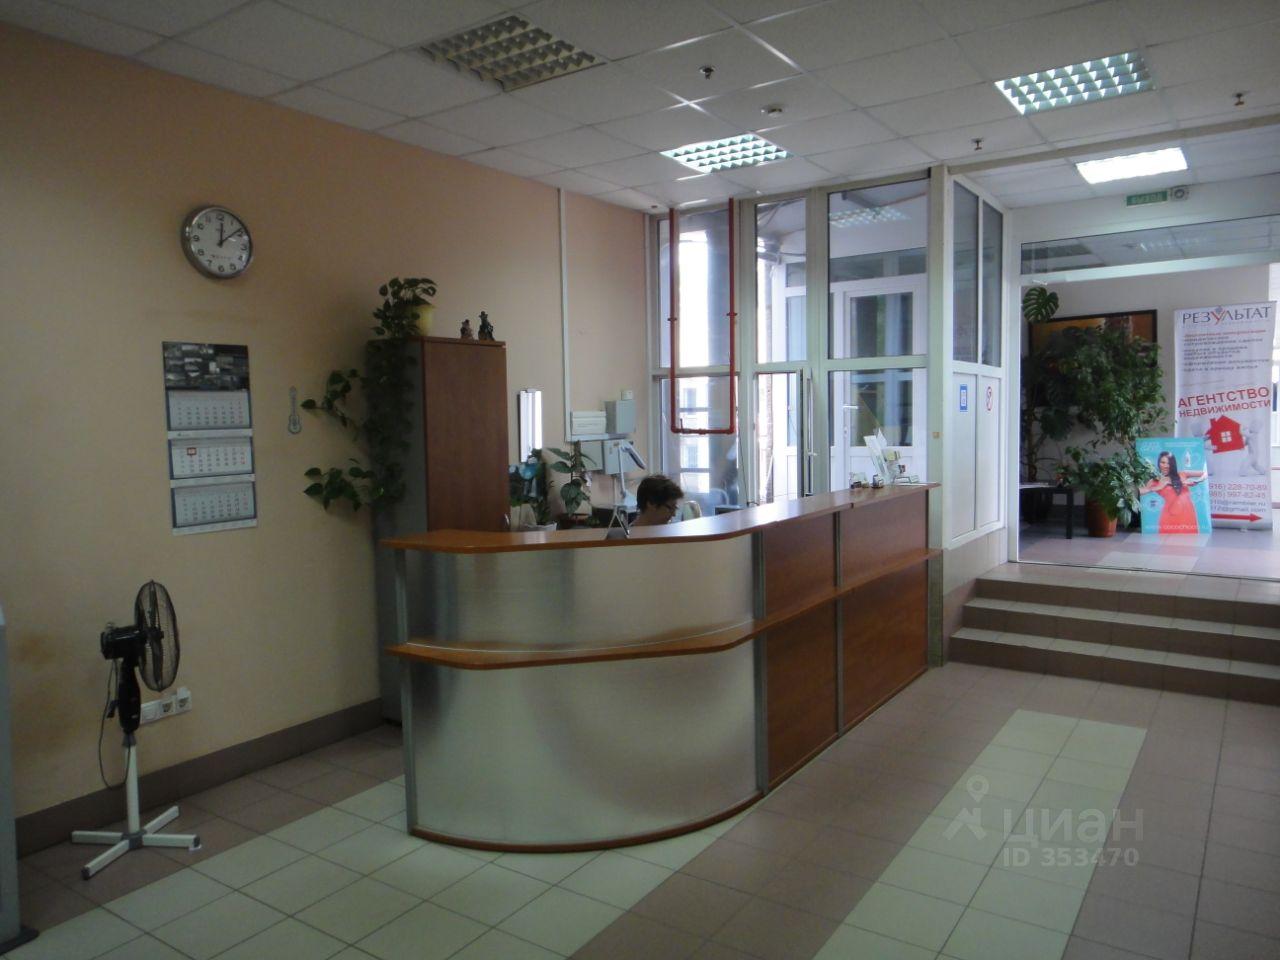 Аренда офиса в красногорске ул жуковского поиск помещения под офис Верхоянская улица